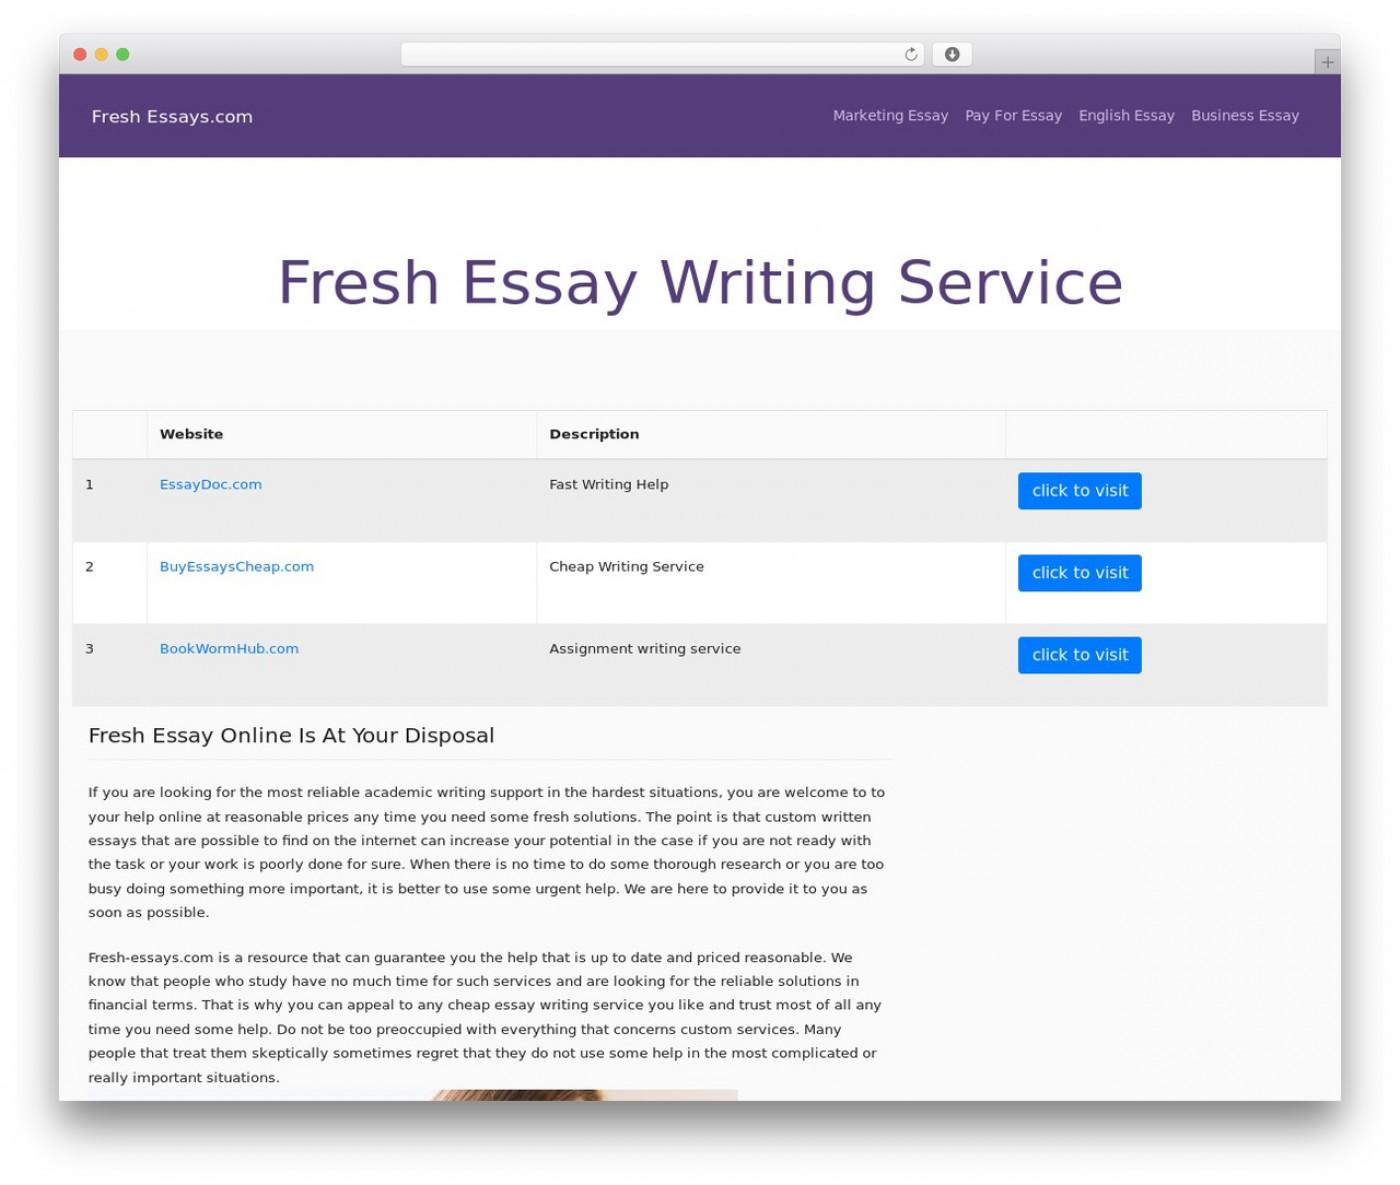 Easy persuasive essay topics high school